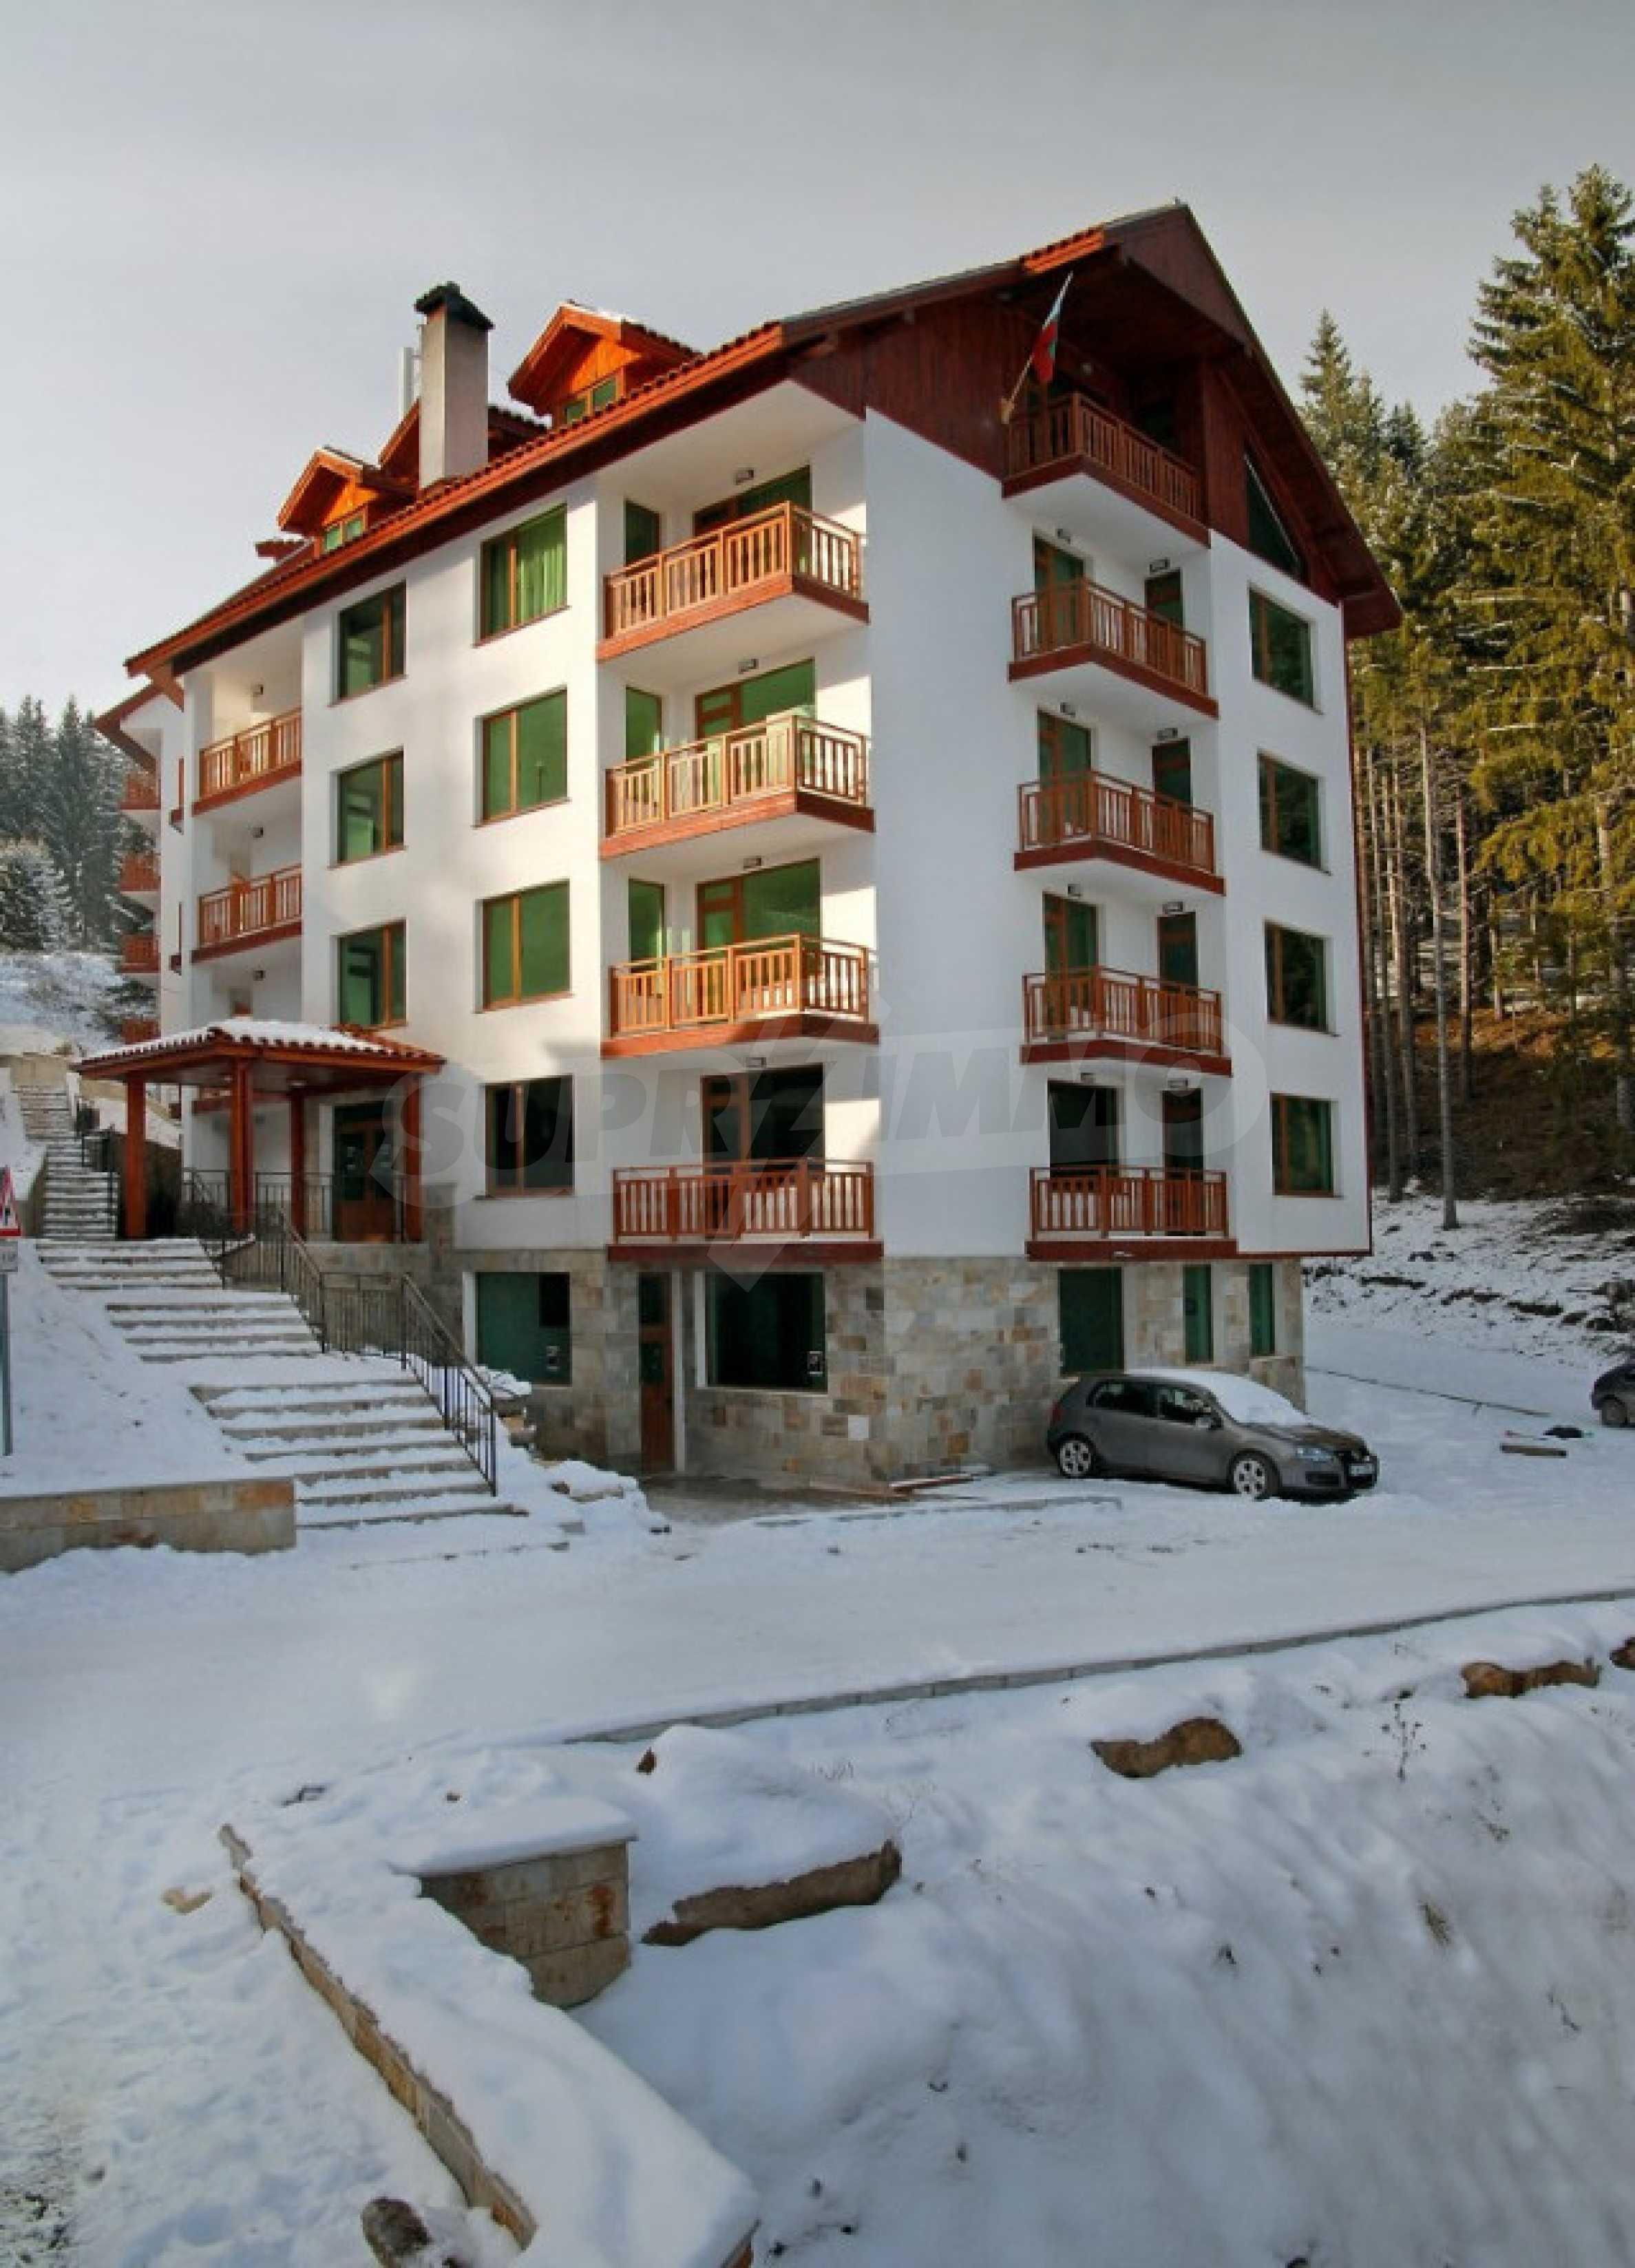 Апартаменти на атрактивни цени в планински ваканционен комплекс в Пампорово 1